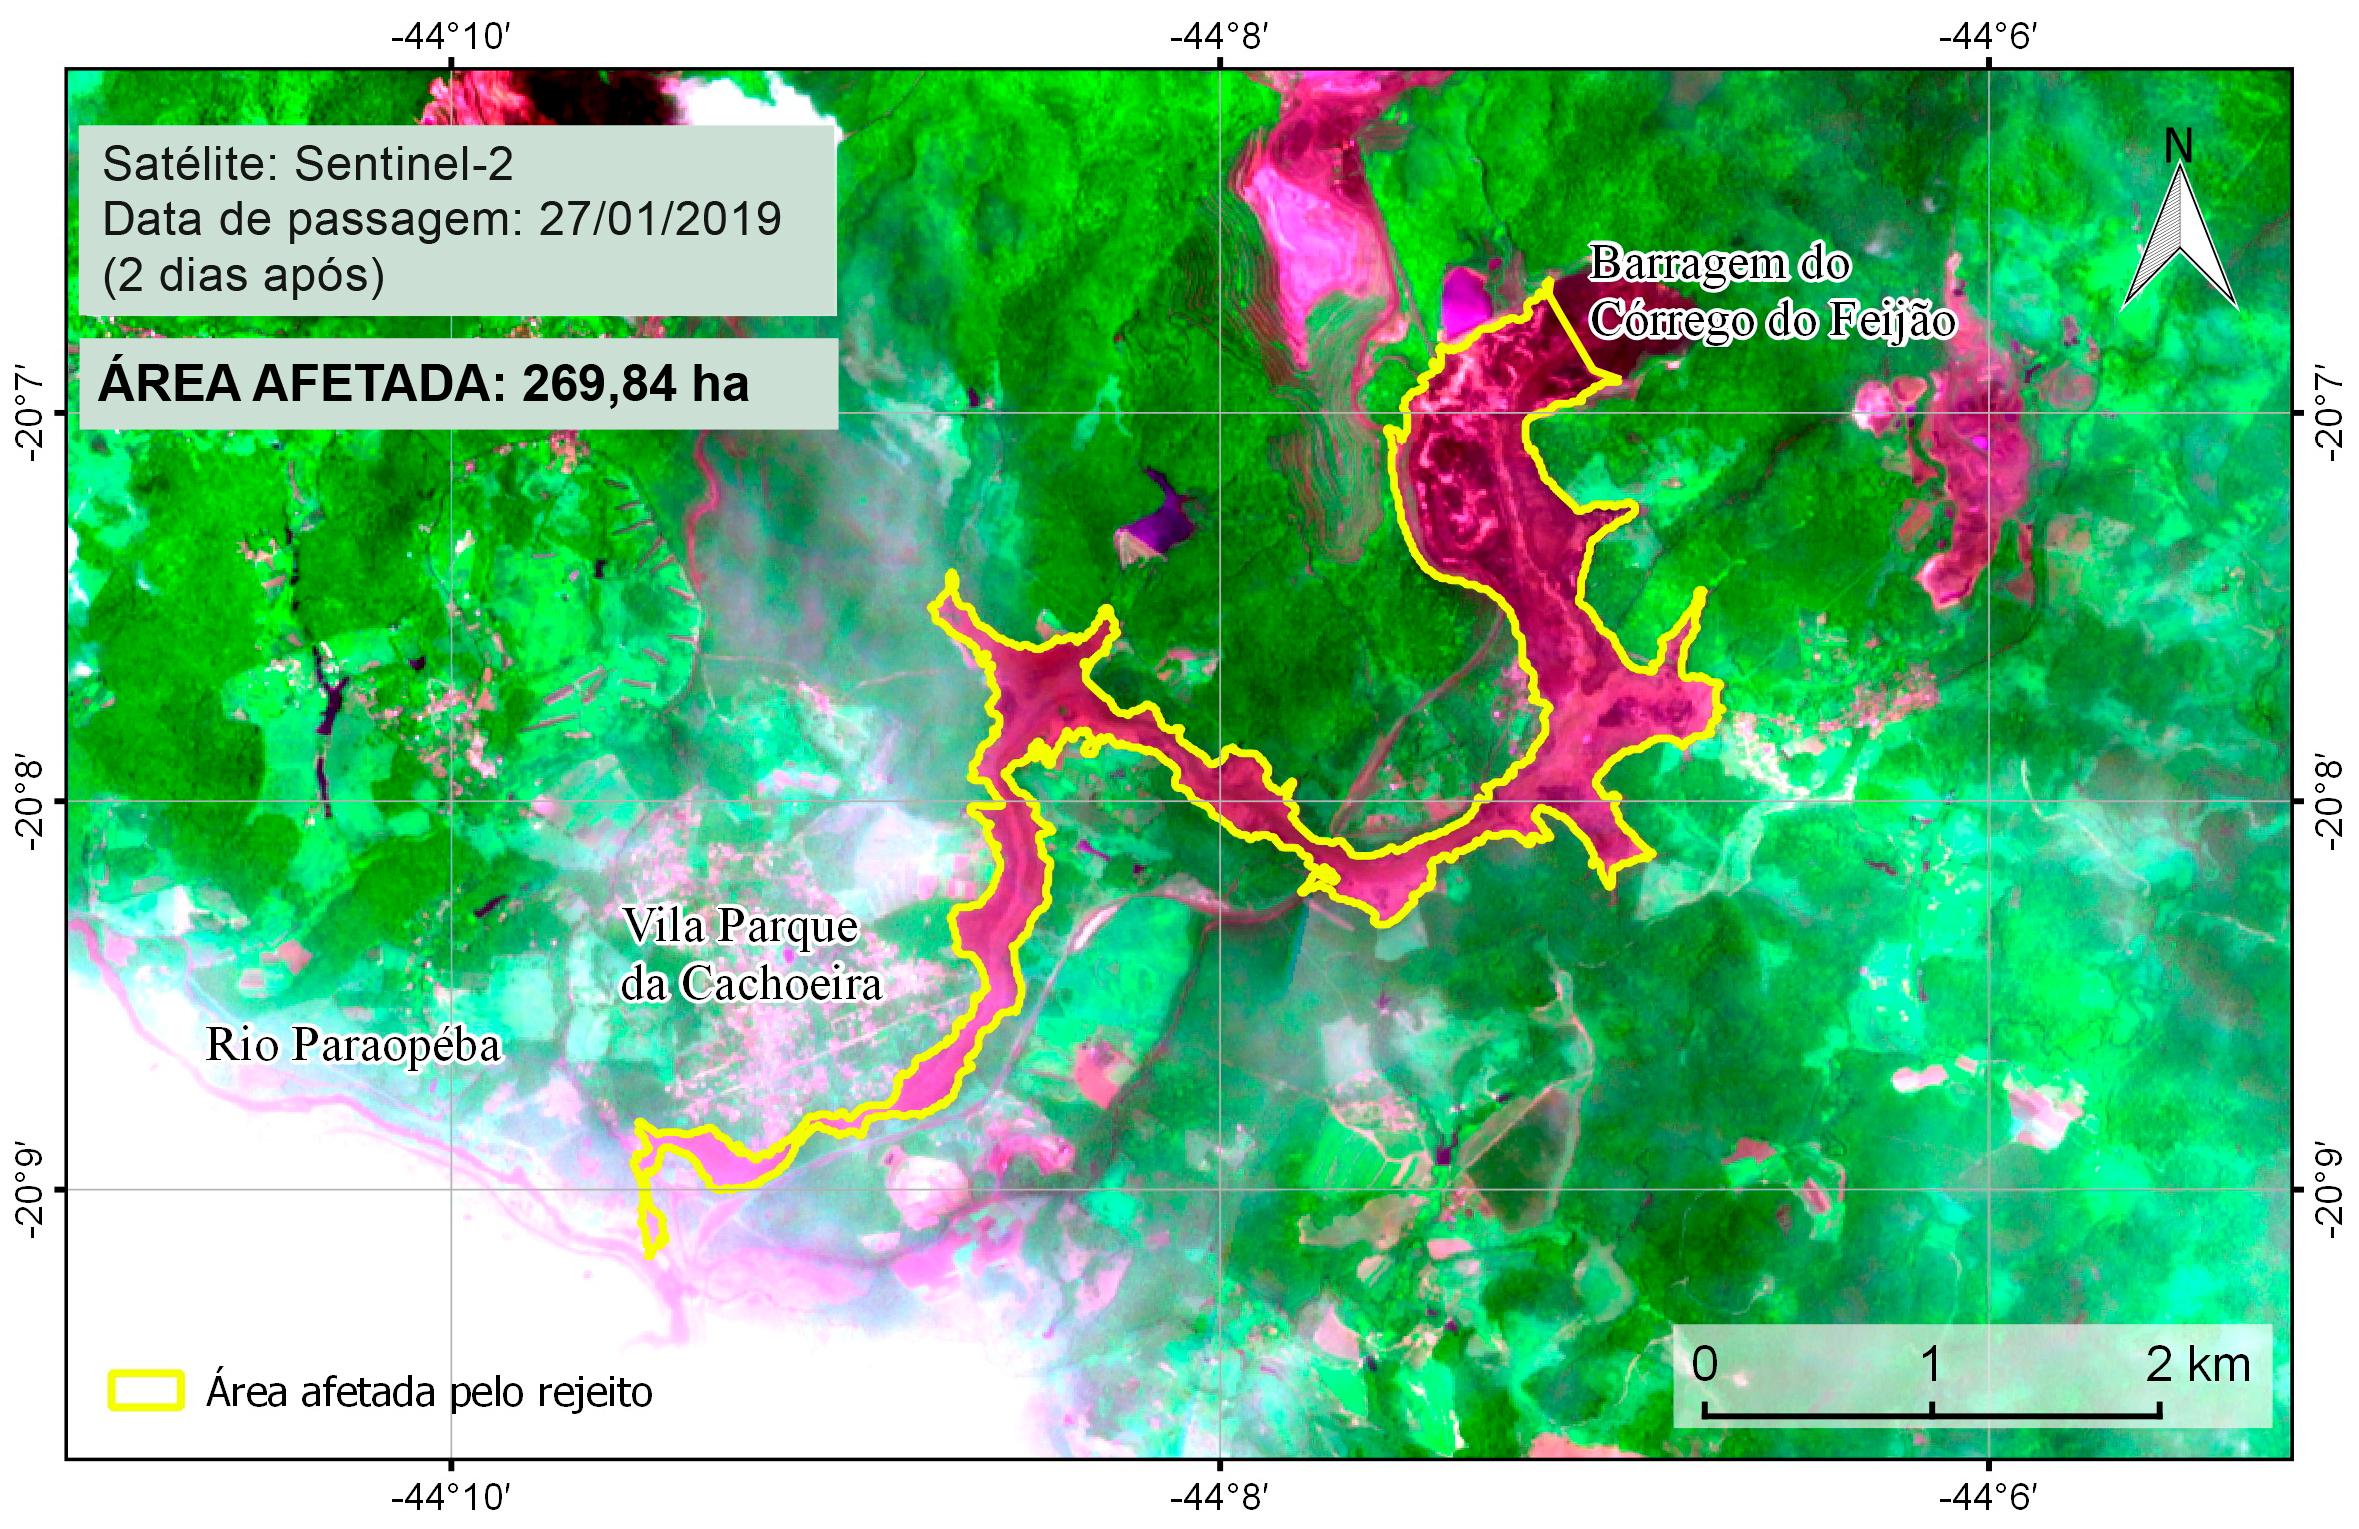 Rompimento de barragem da Vale em Brumadinho (MG) destruiu 269,84 hectares